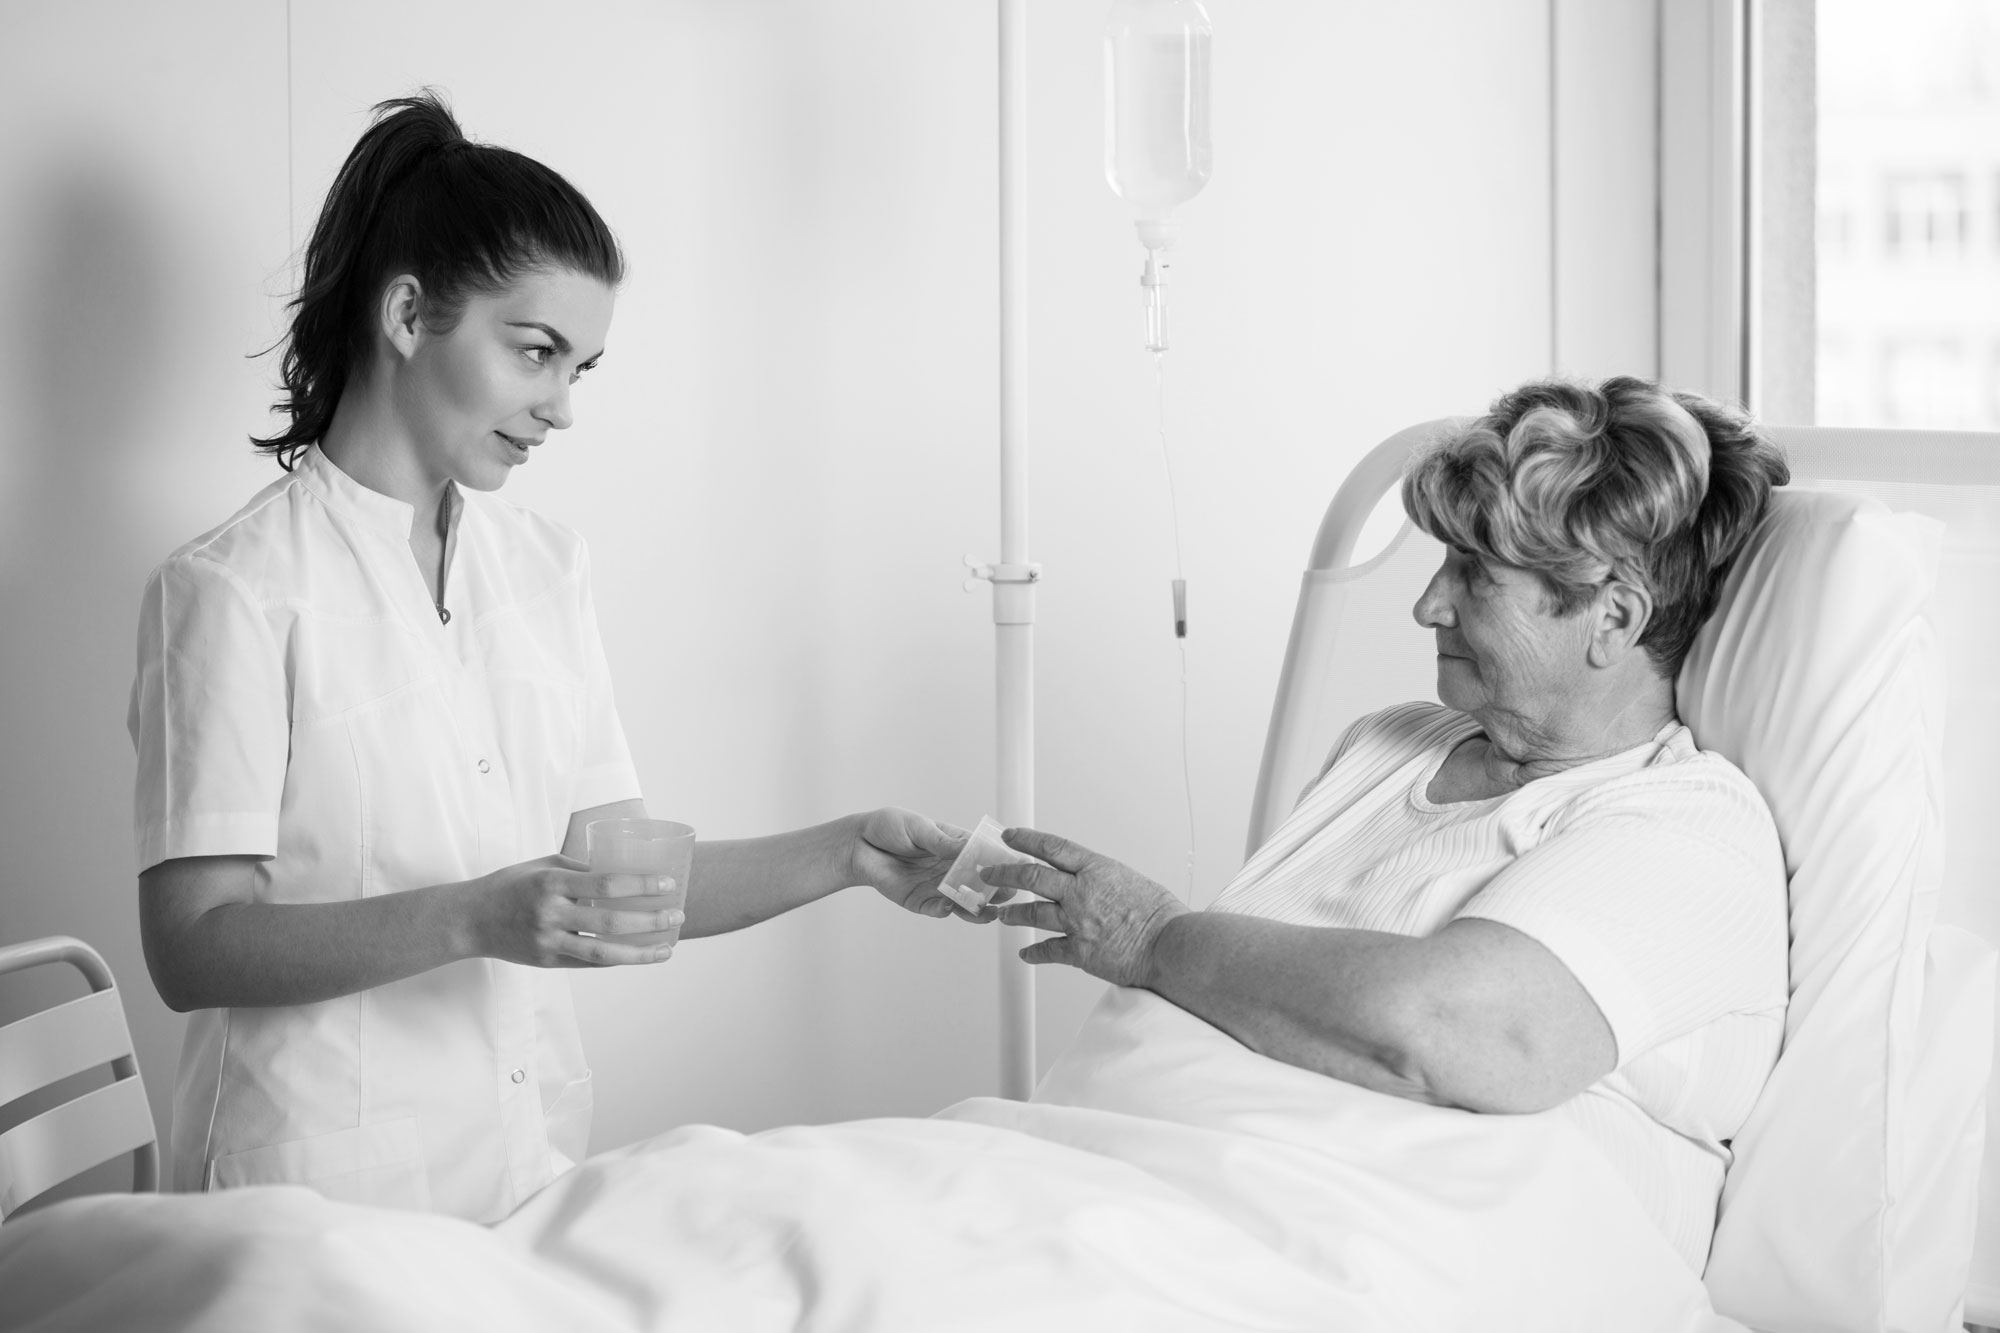 Ikääntyneiden lääkehoidon turvallisuudessa useita riskejä